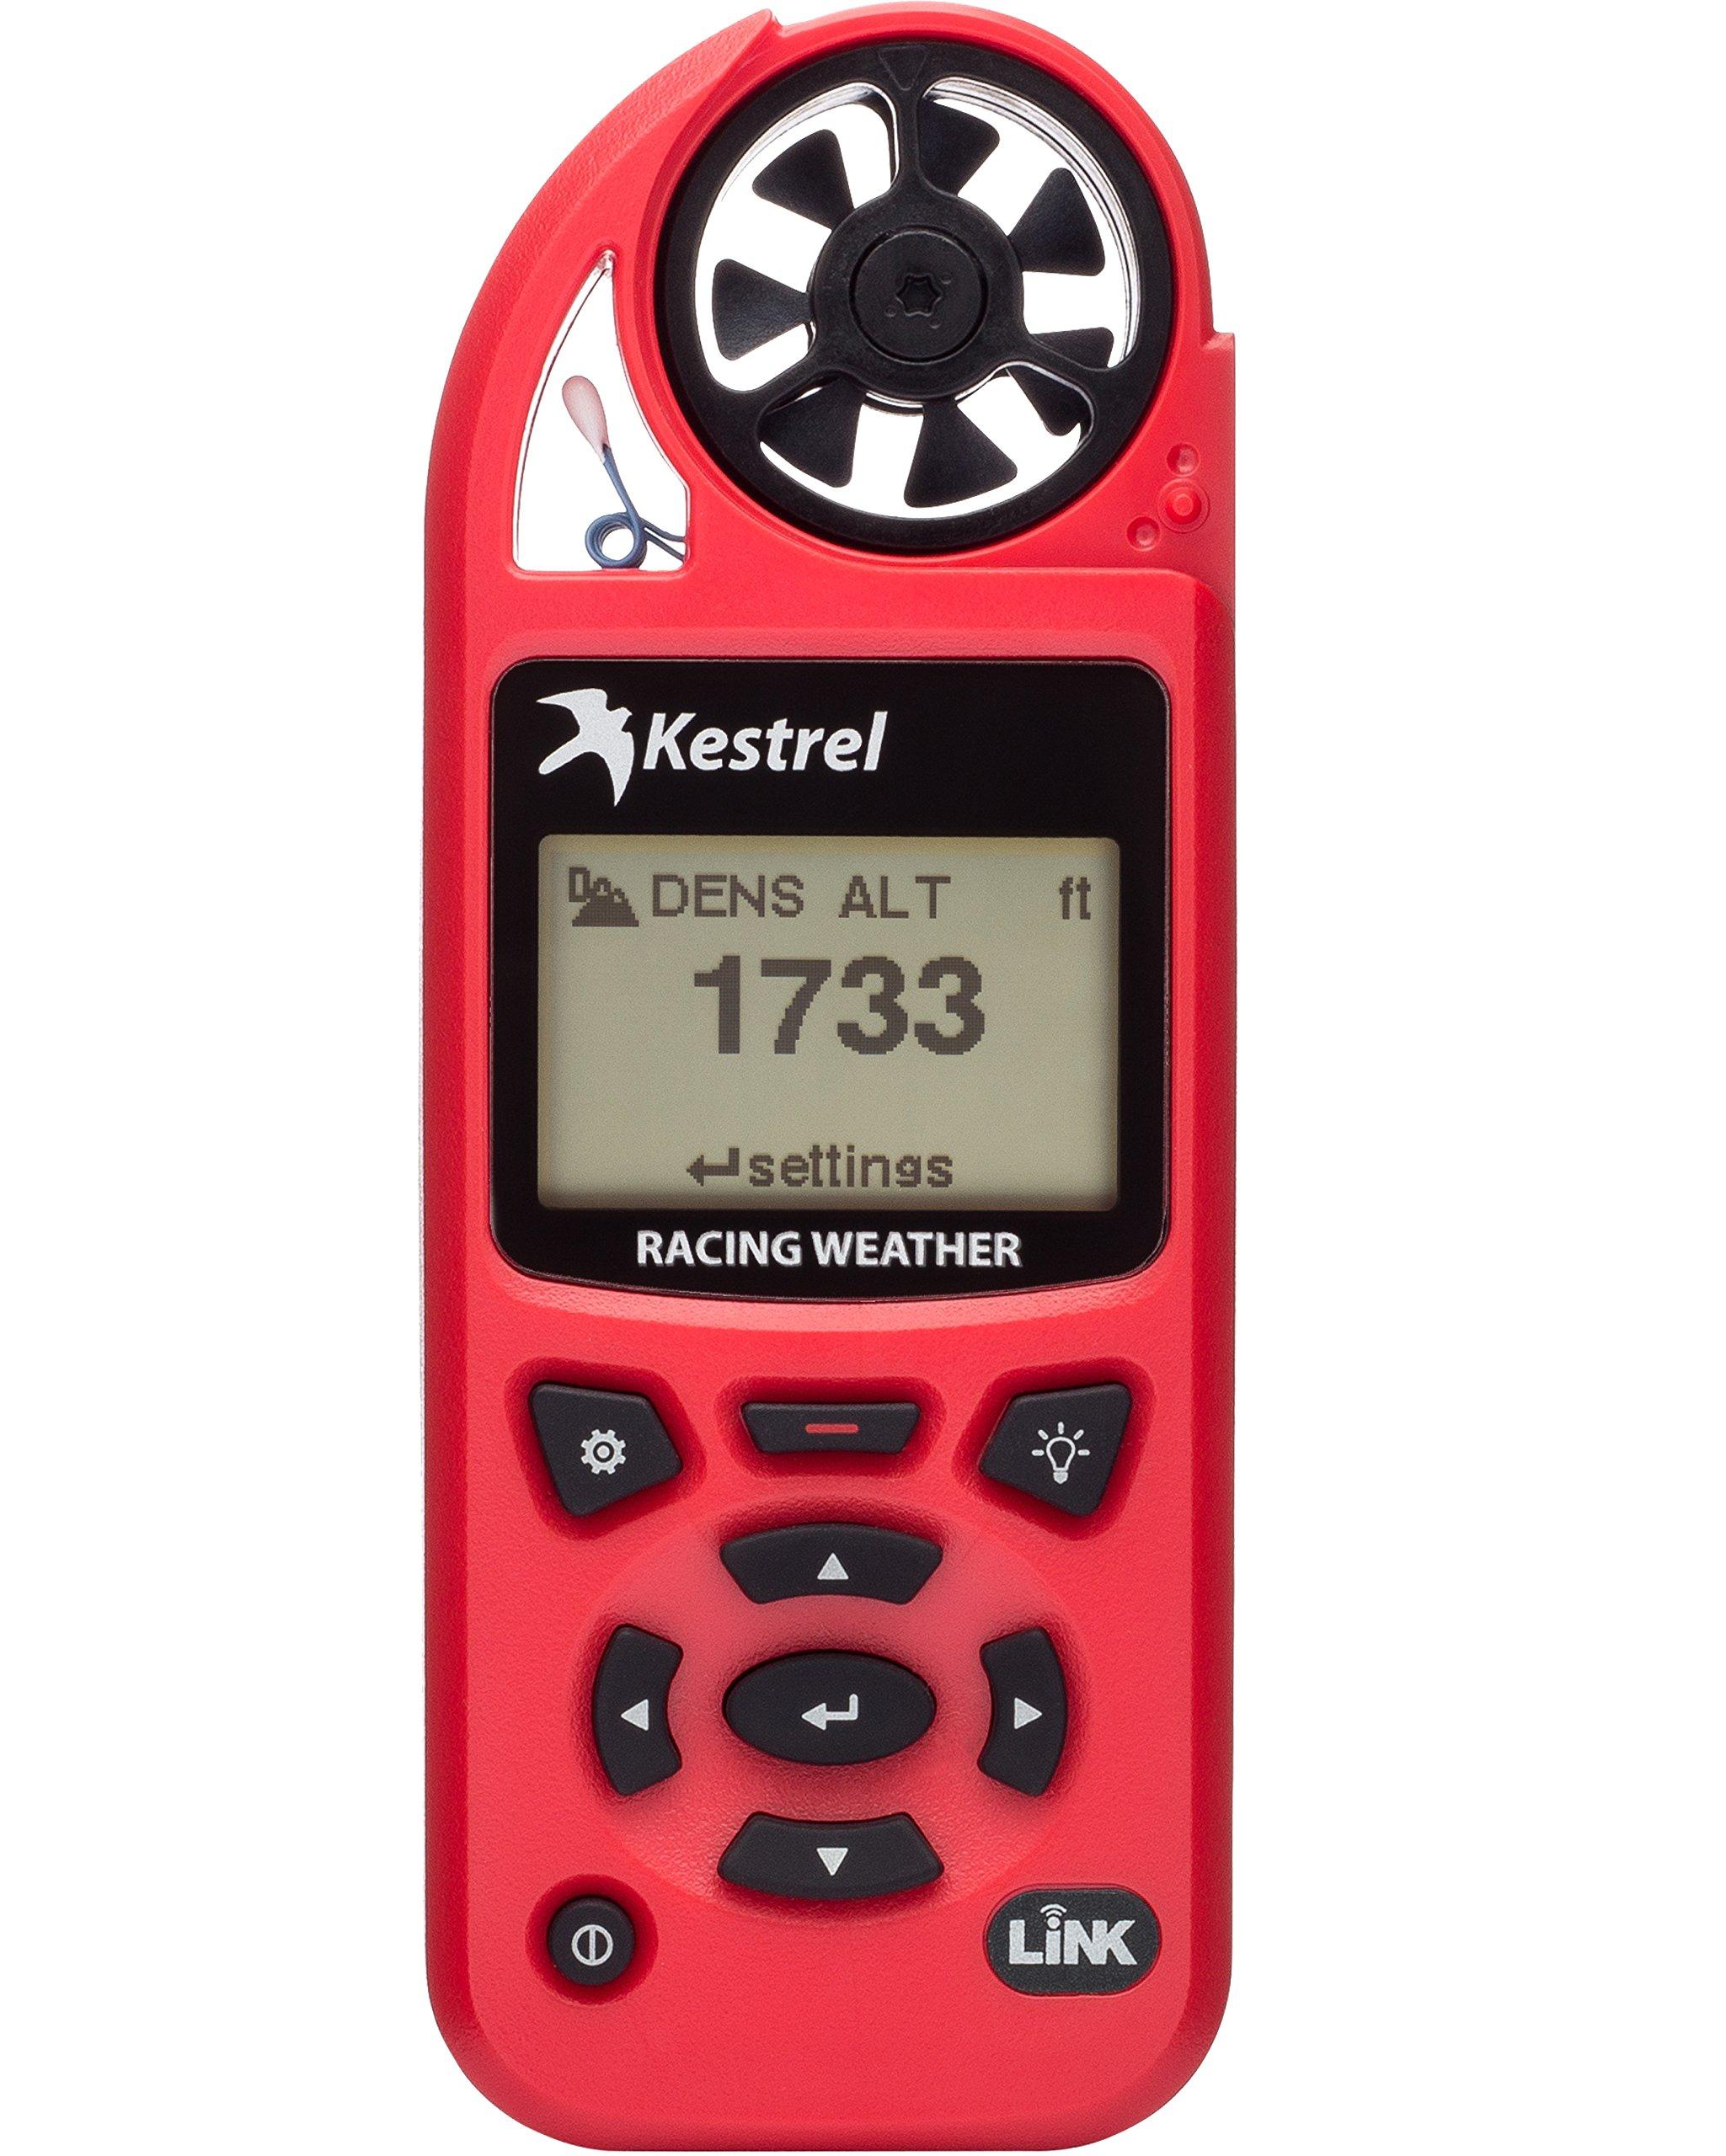 Kestrel 5100 Racing Weather Meter with Link by Kestrel